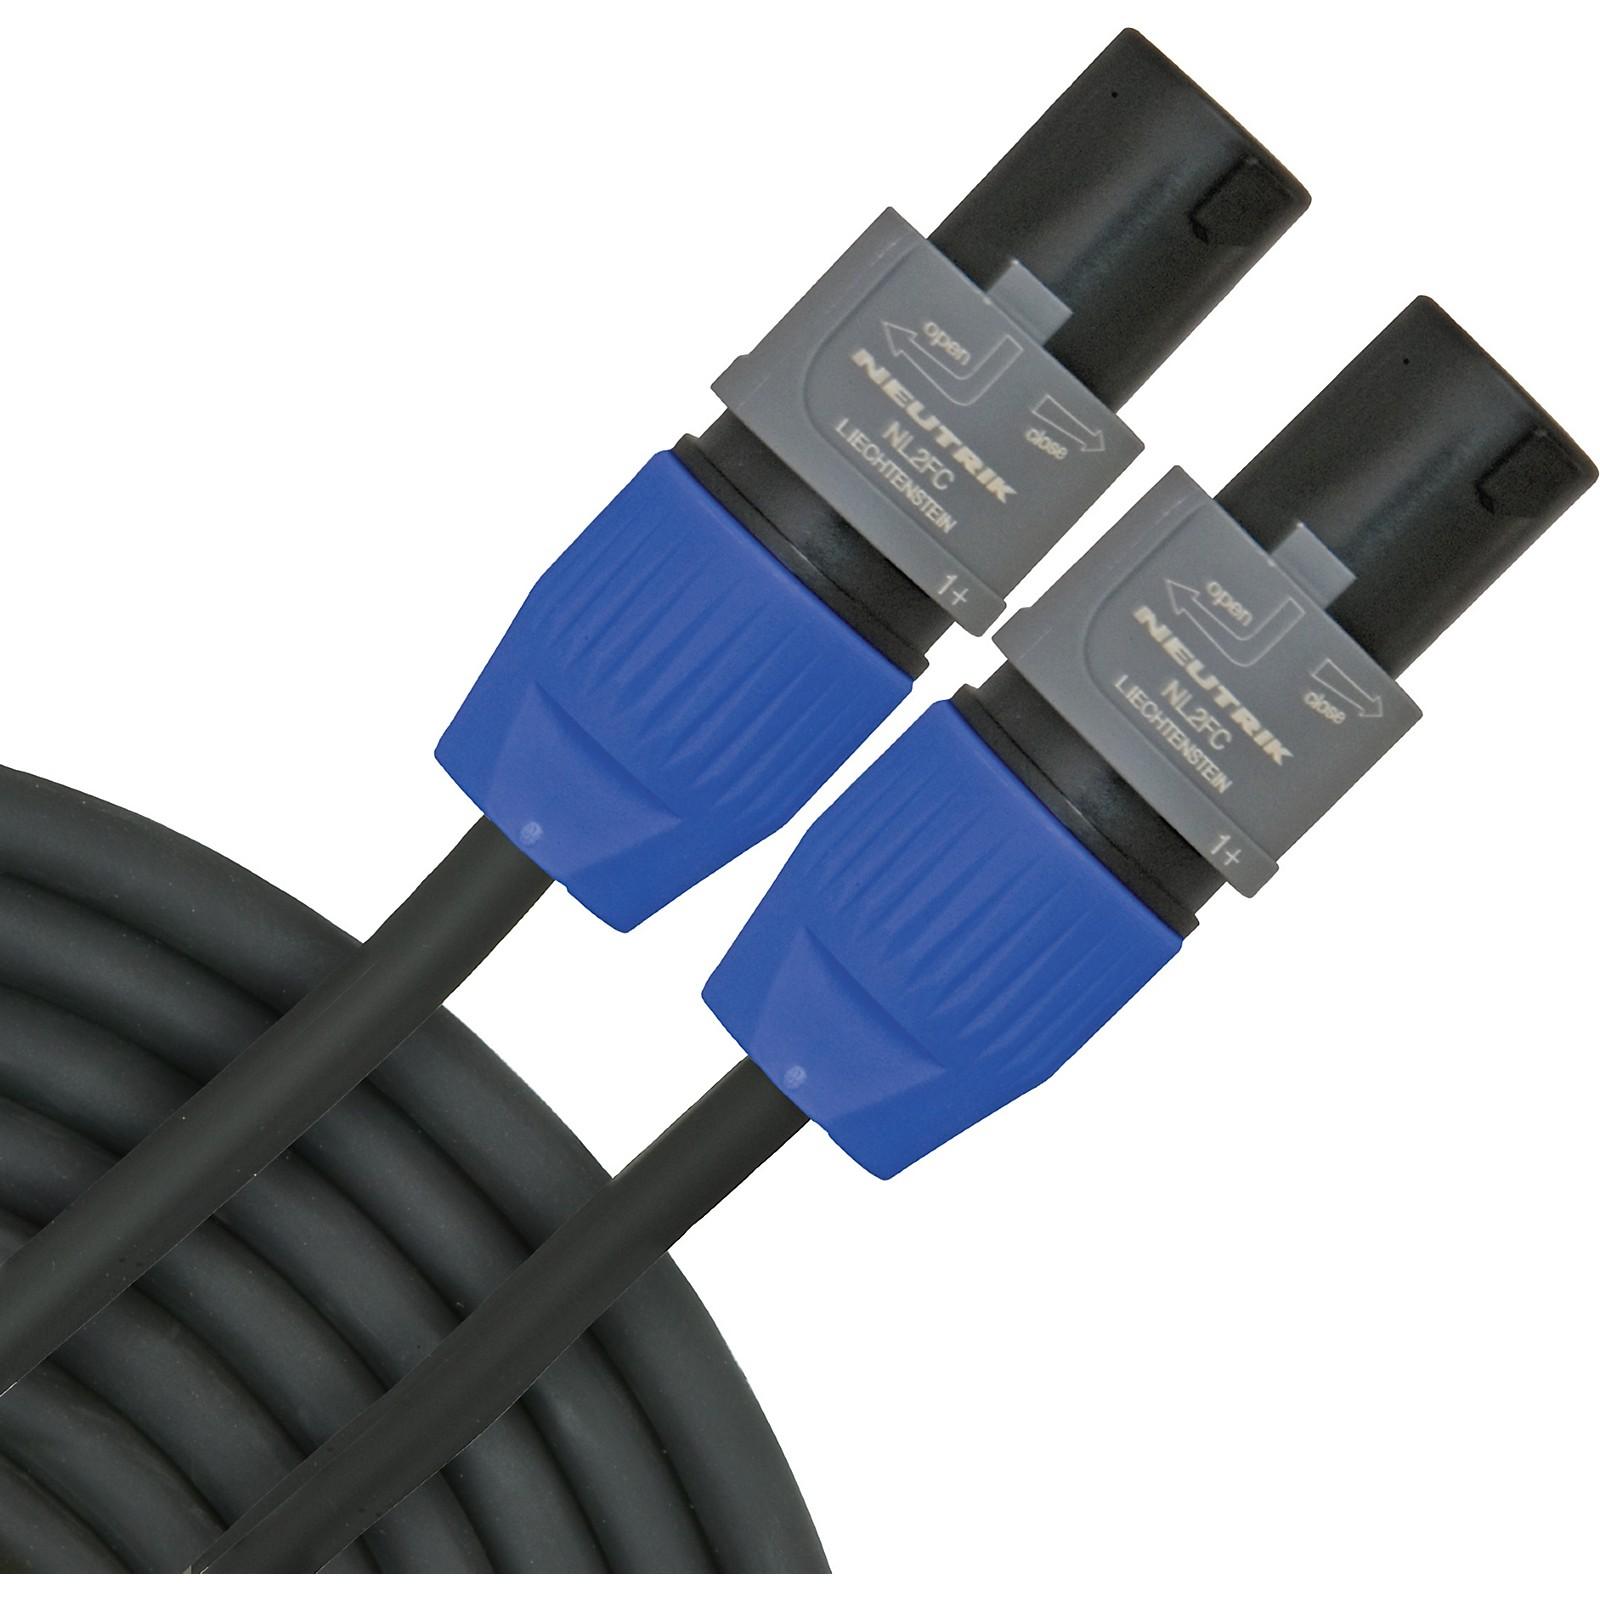 Open Box Gear One Speakon Speaker Cable